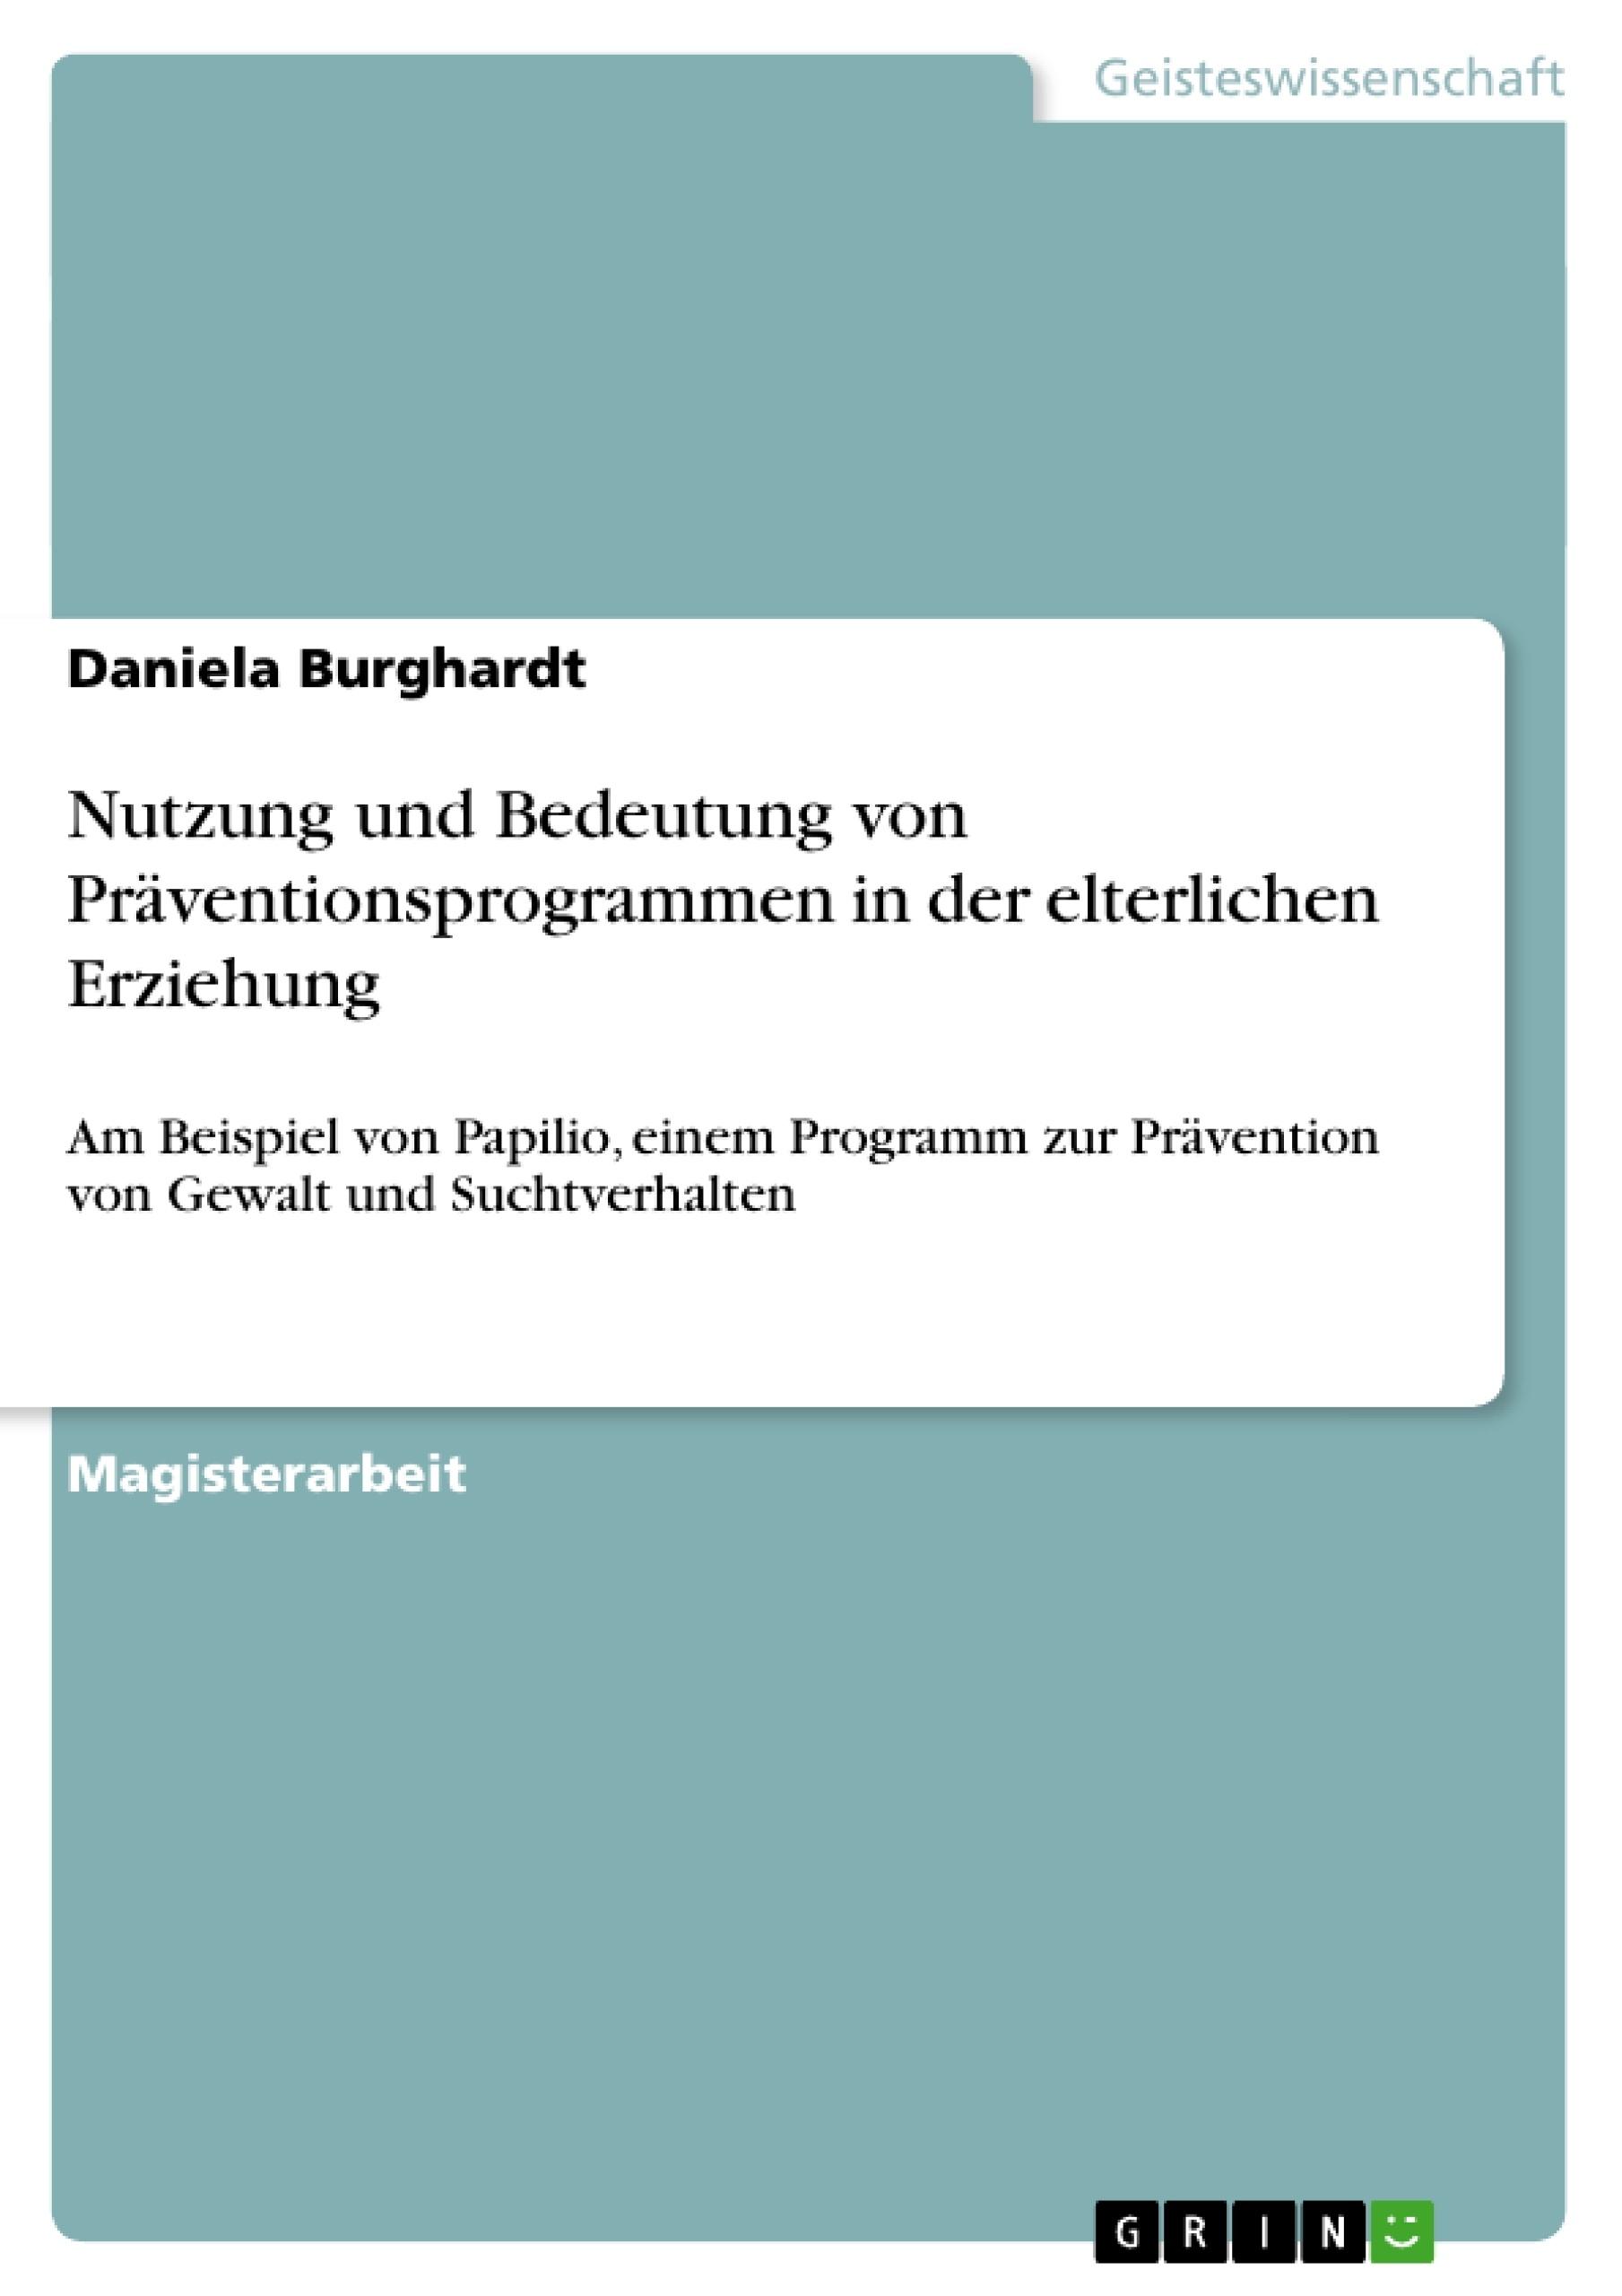 Titel: Nutzung und Bedeutung von Präventionsprogrammen in der elterlichen Erziehung